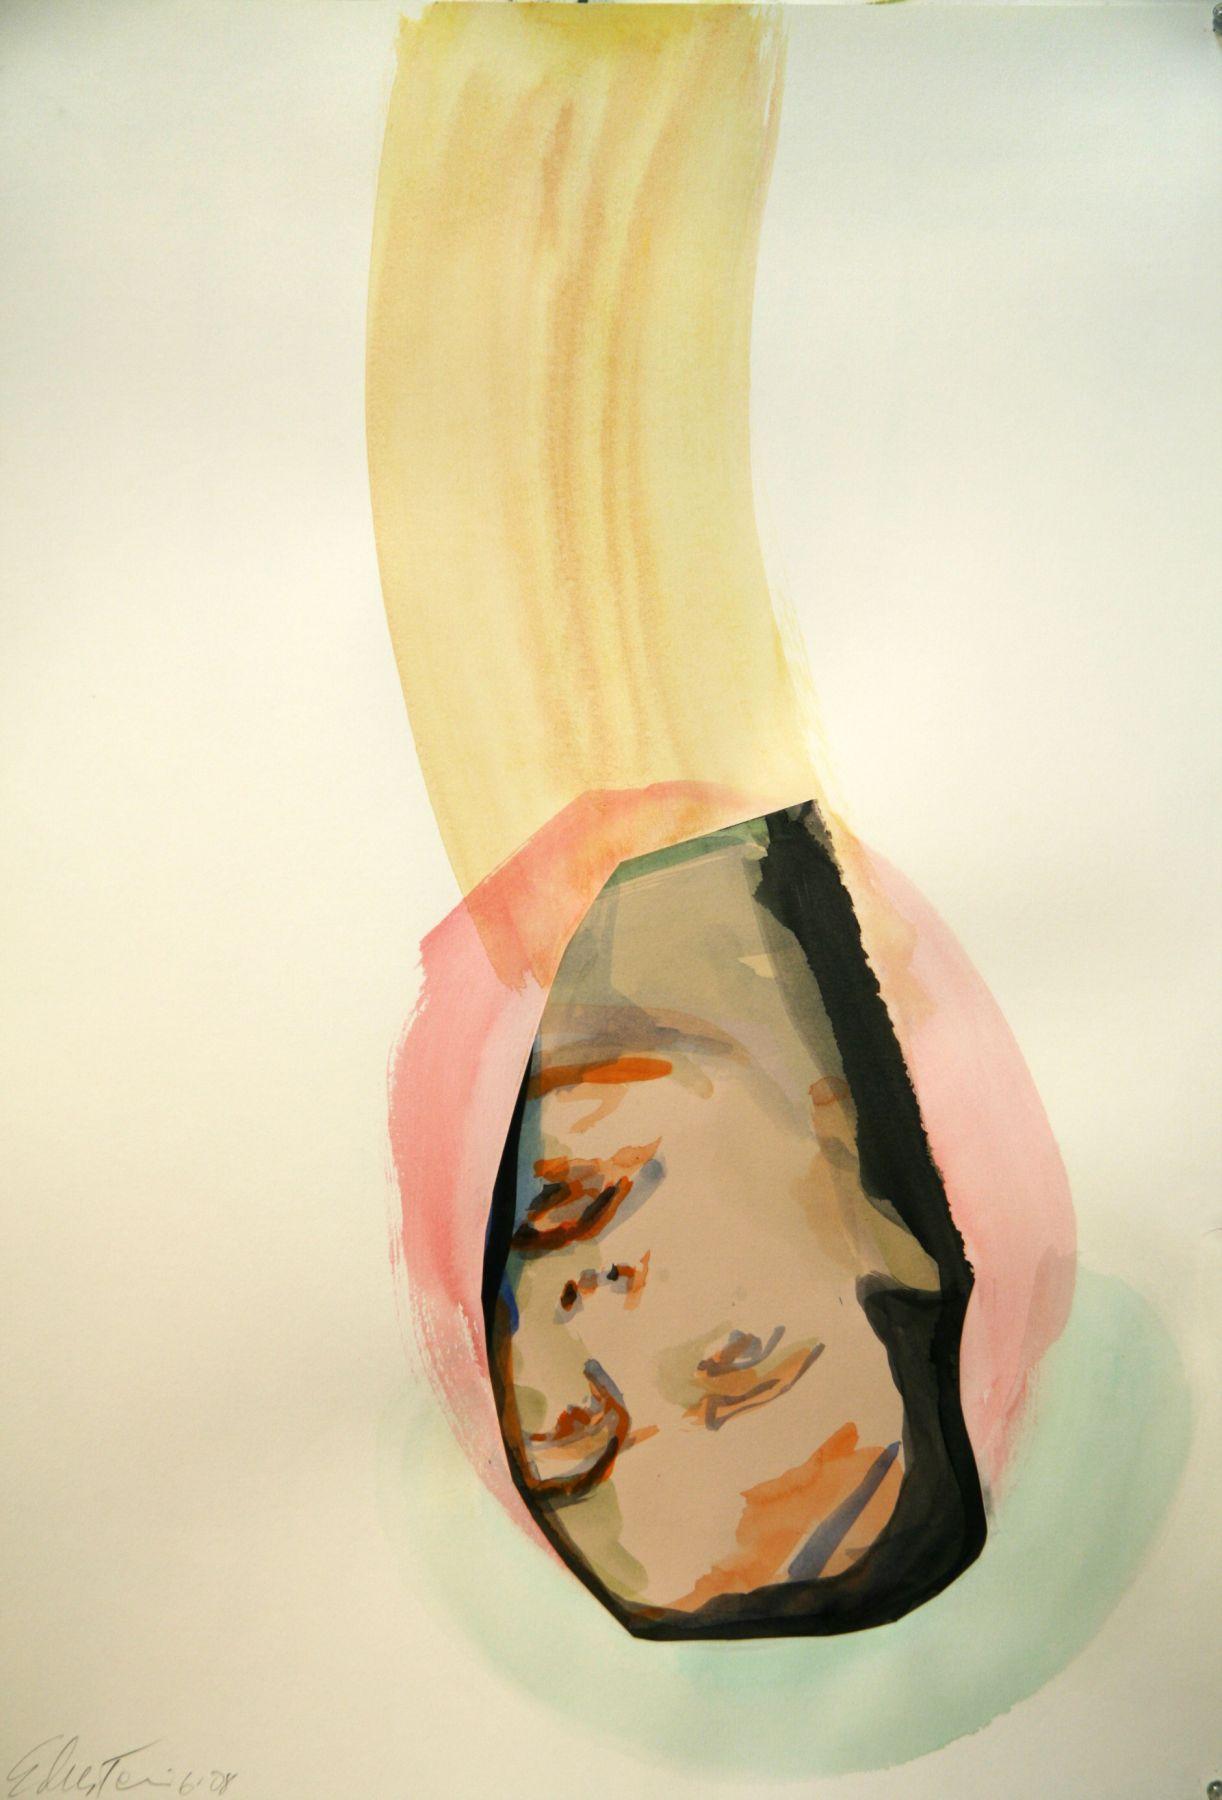 BRUCE EDELSTEIN Untitled 2007